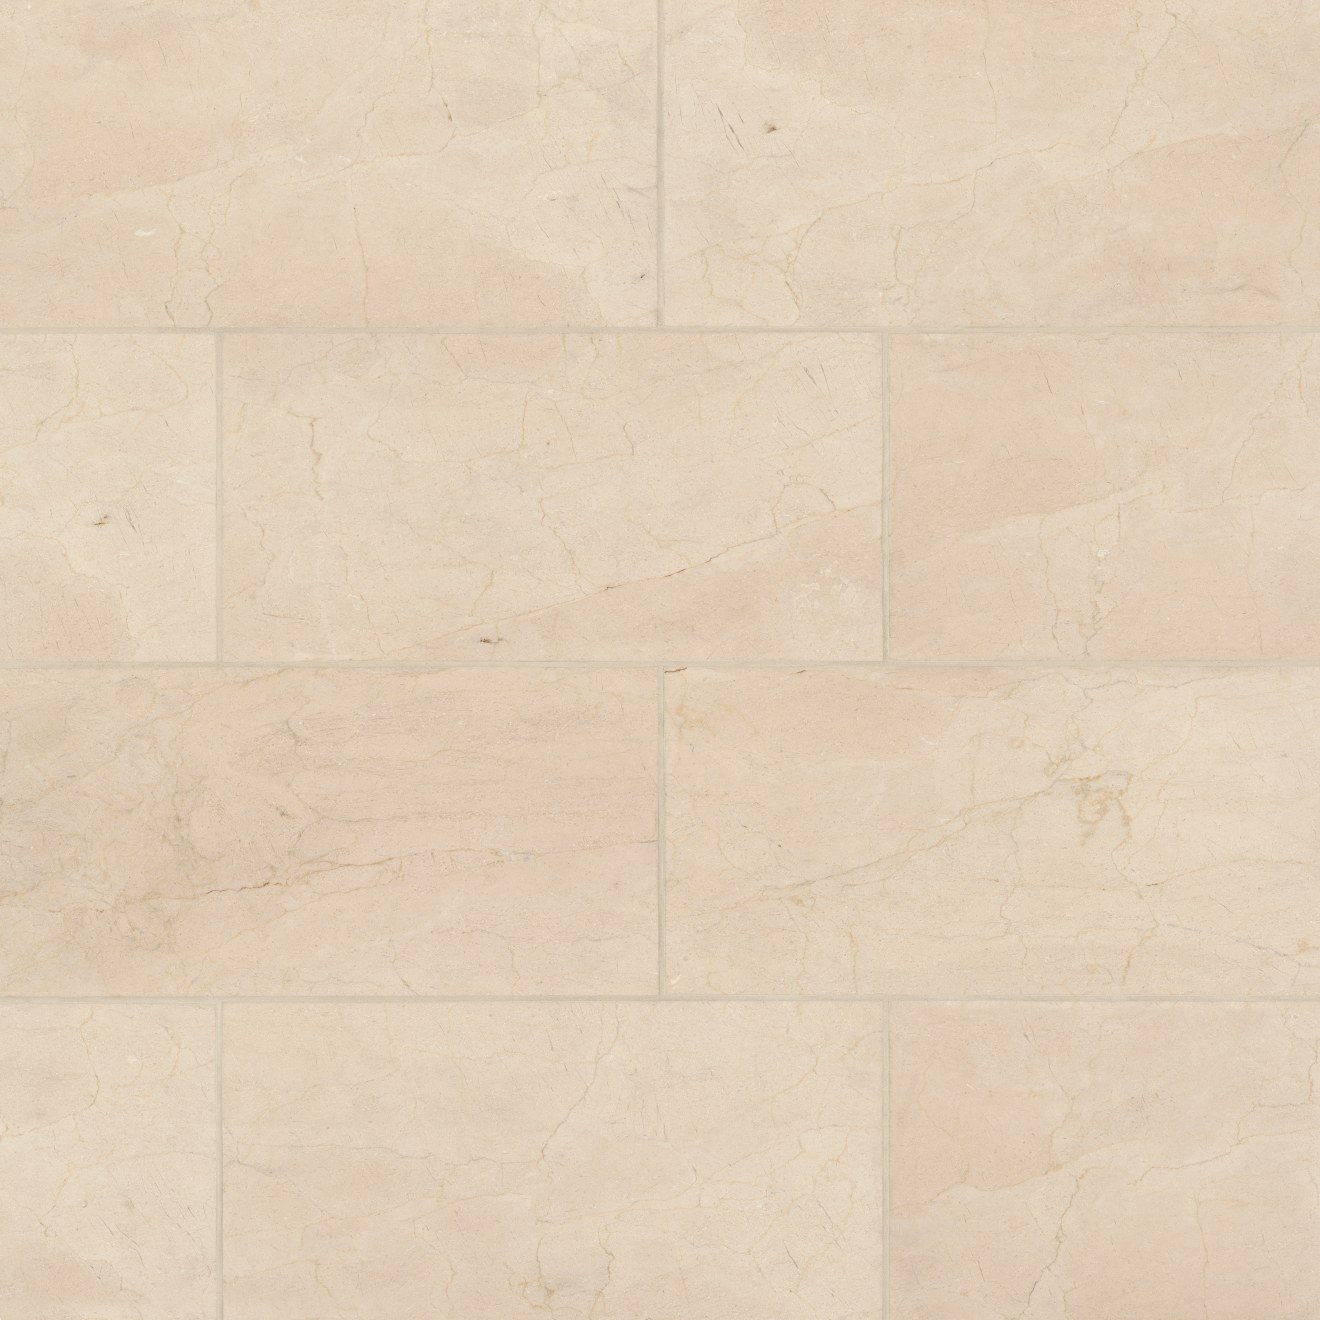 """Crema Marfil Select 12"""" x 24"""" Floor & Wall Tile"""